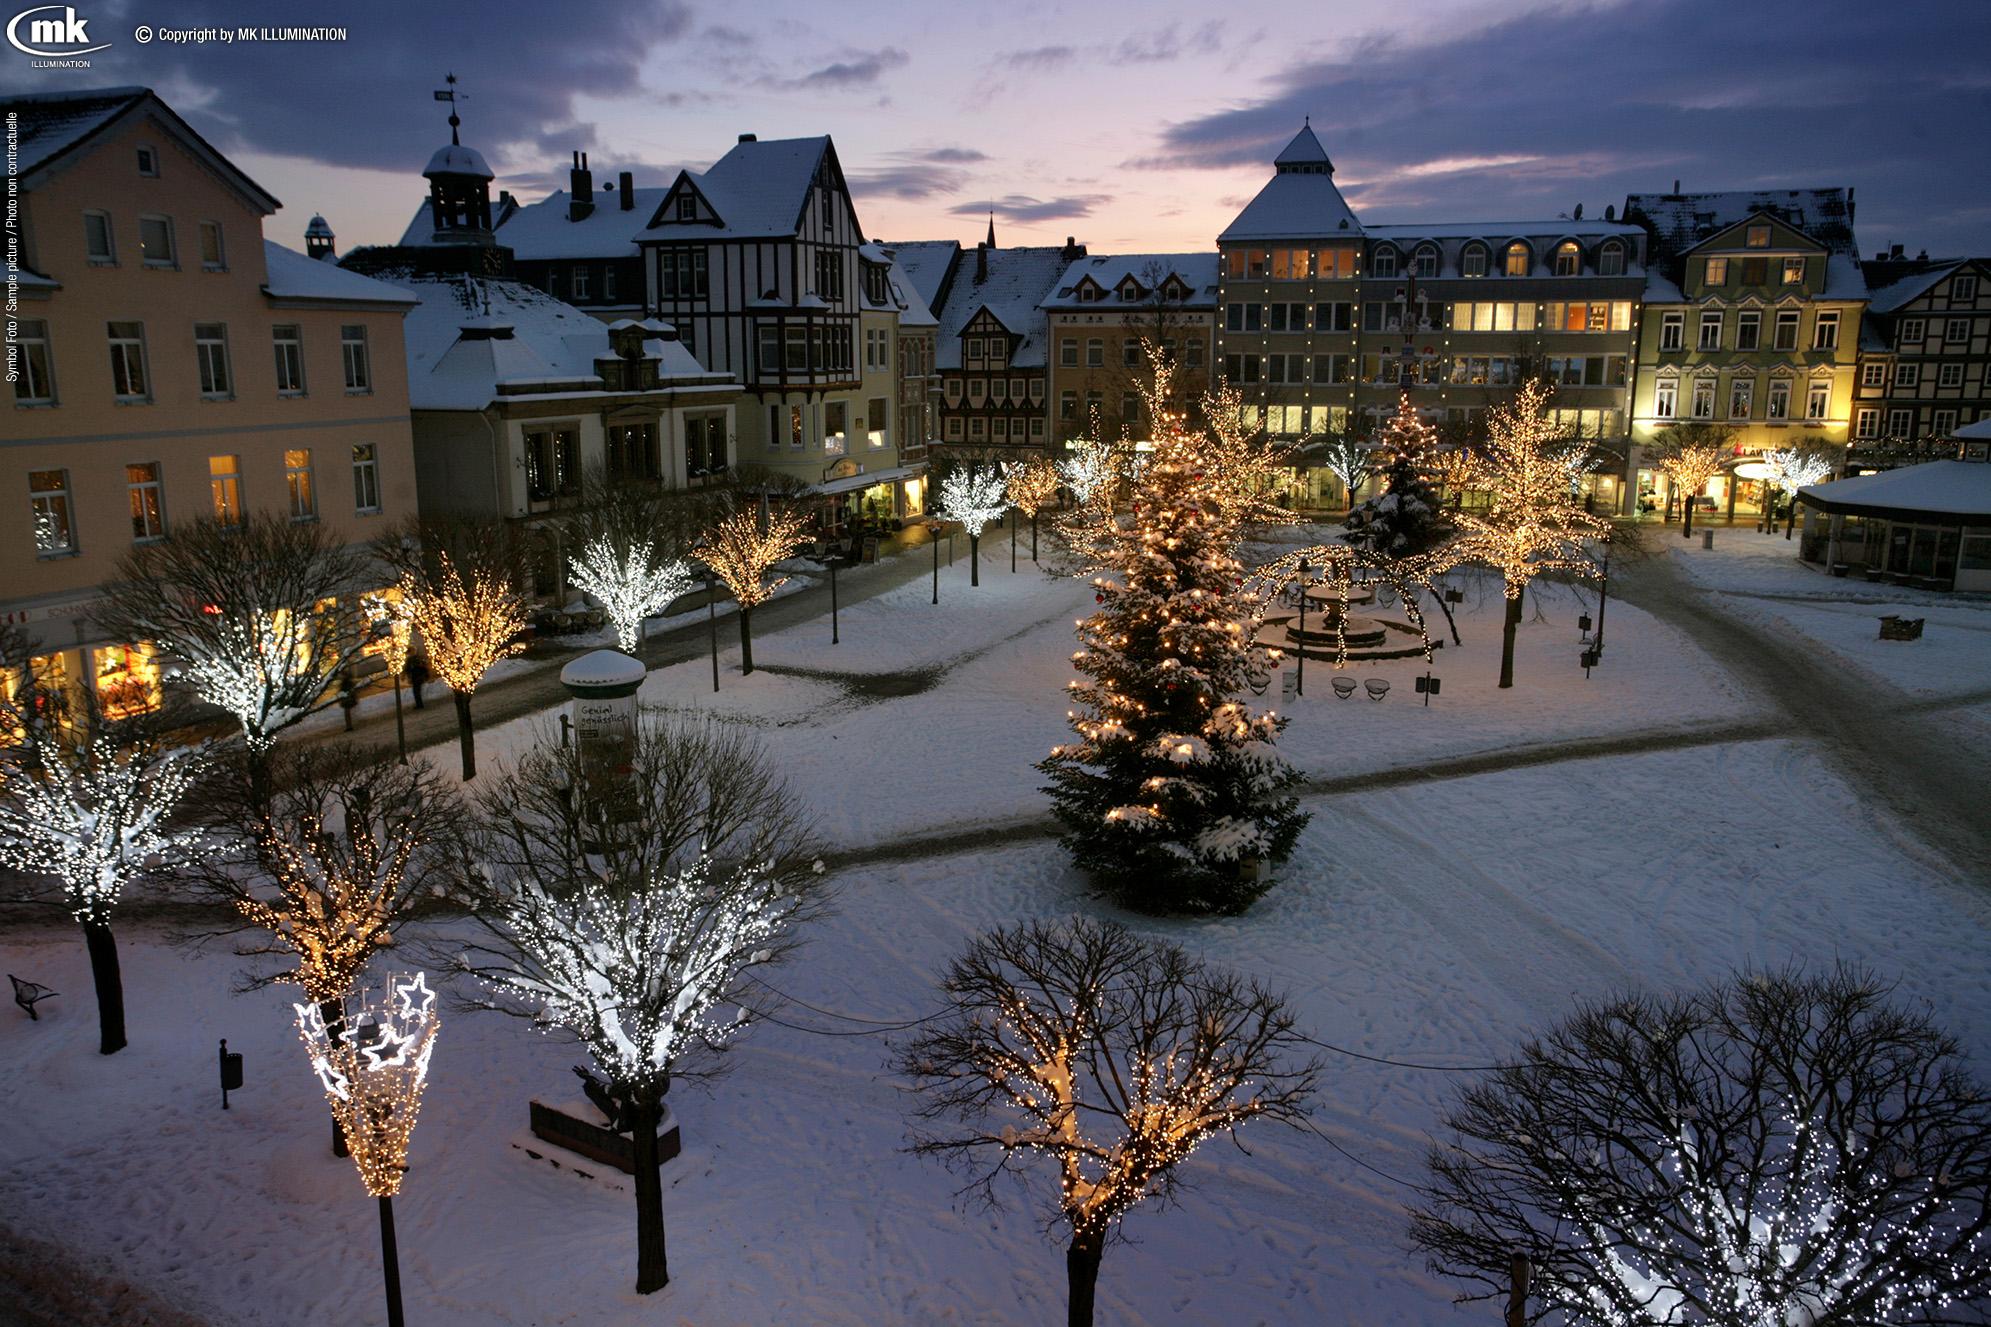 de_peine - alter markt_city_IMG_5478